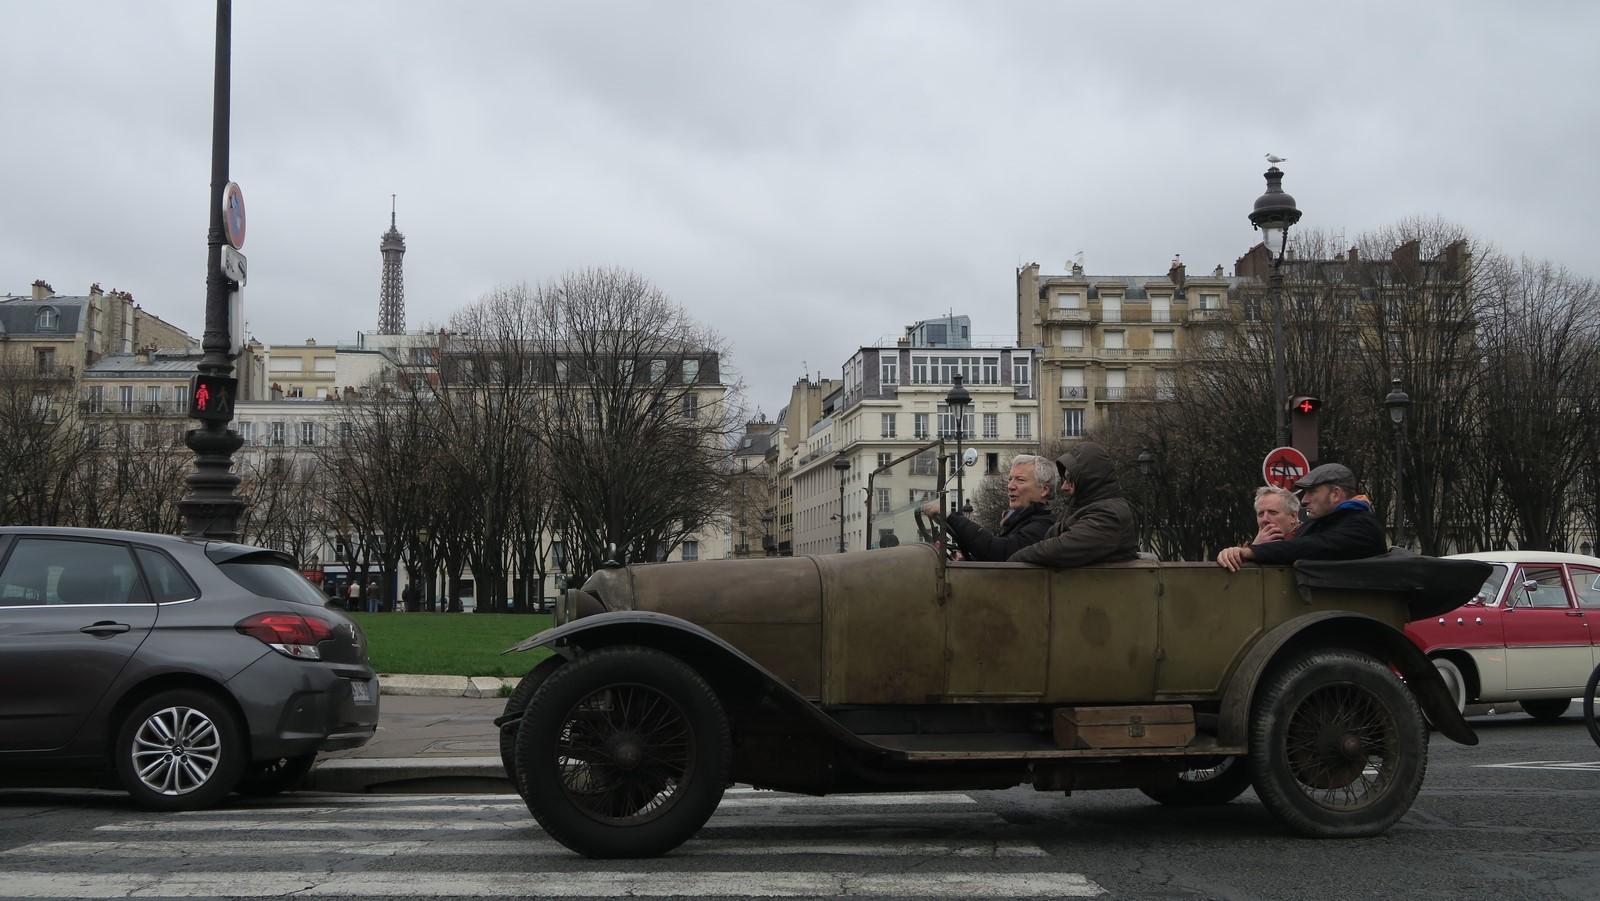 Traversee de Paris hivernale 2019 FM 94